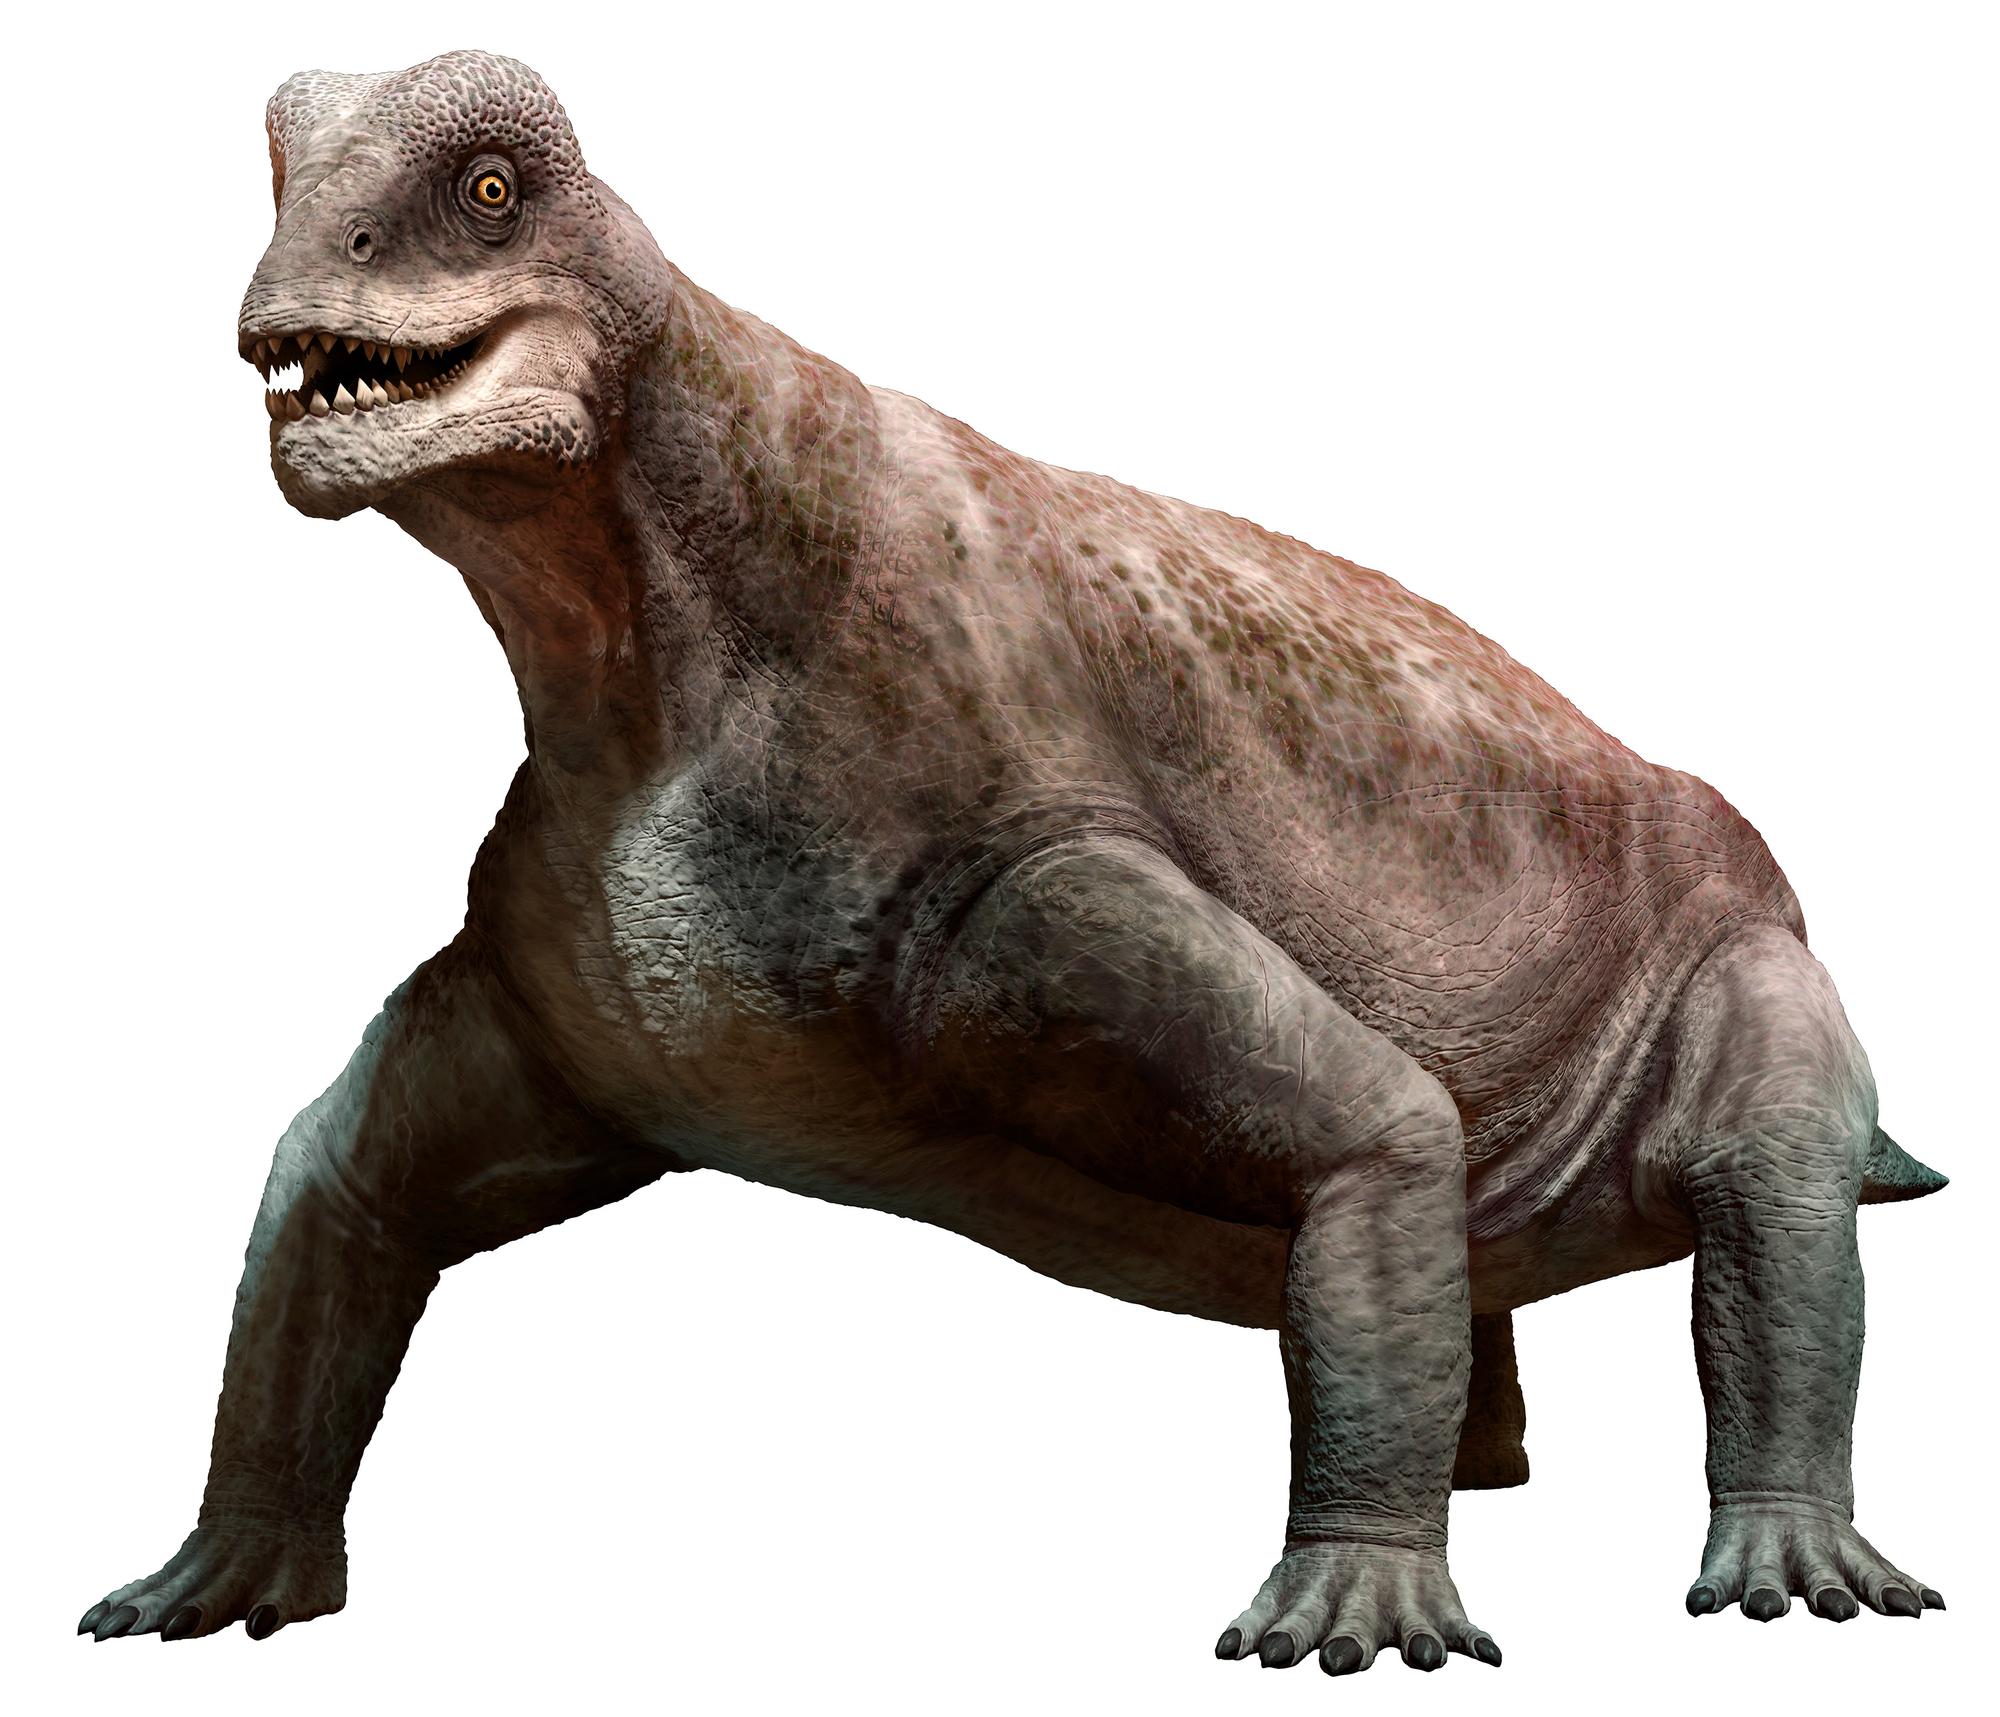 Мосхопс— представитель семейства тапиноцефалов из класса синапсид. Нединозавр. Хотя ипохож